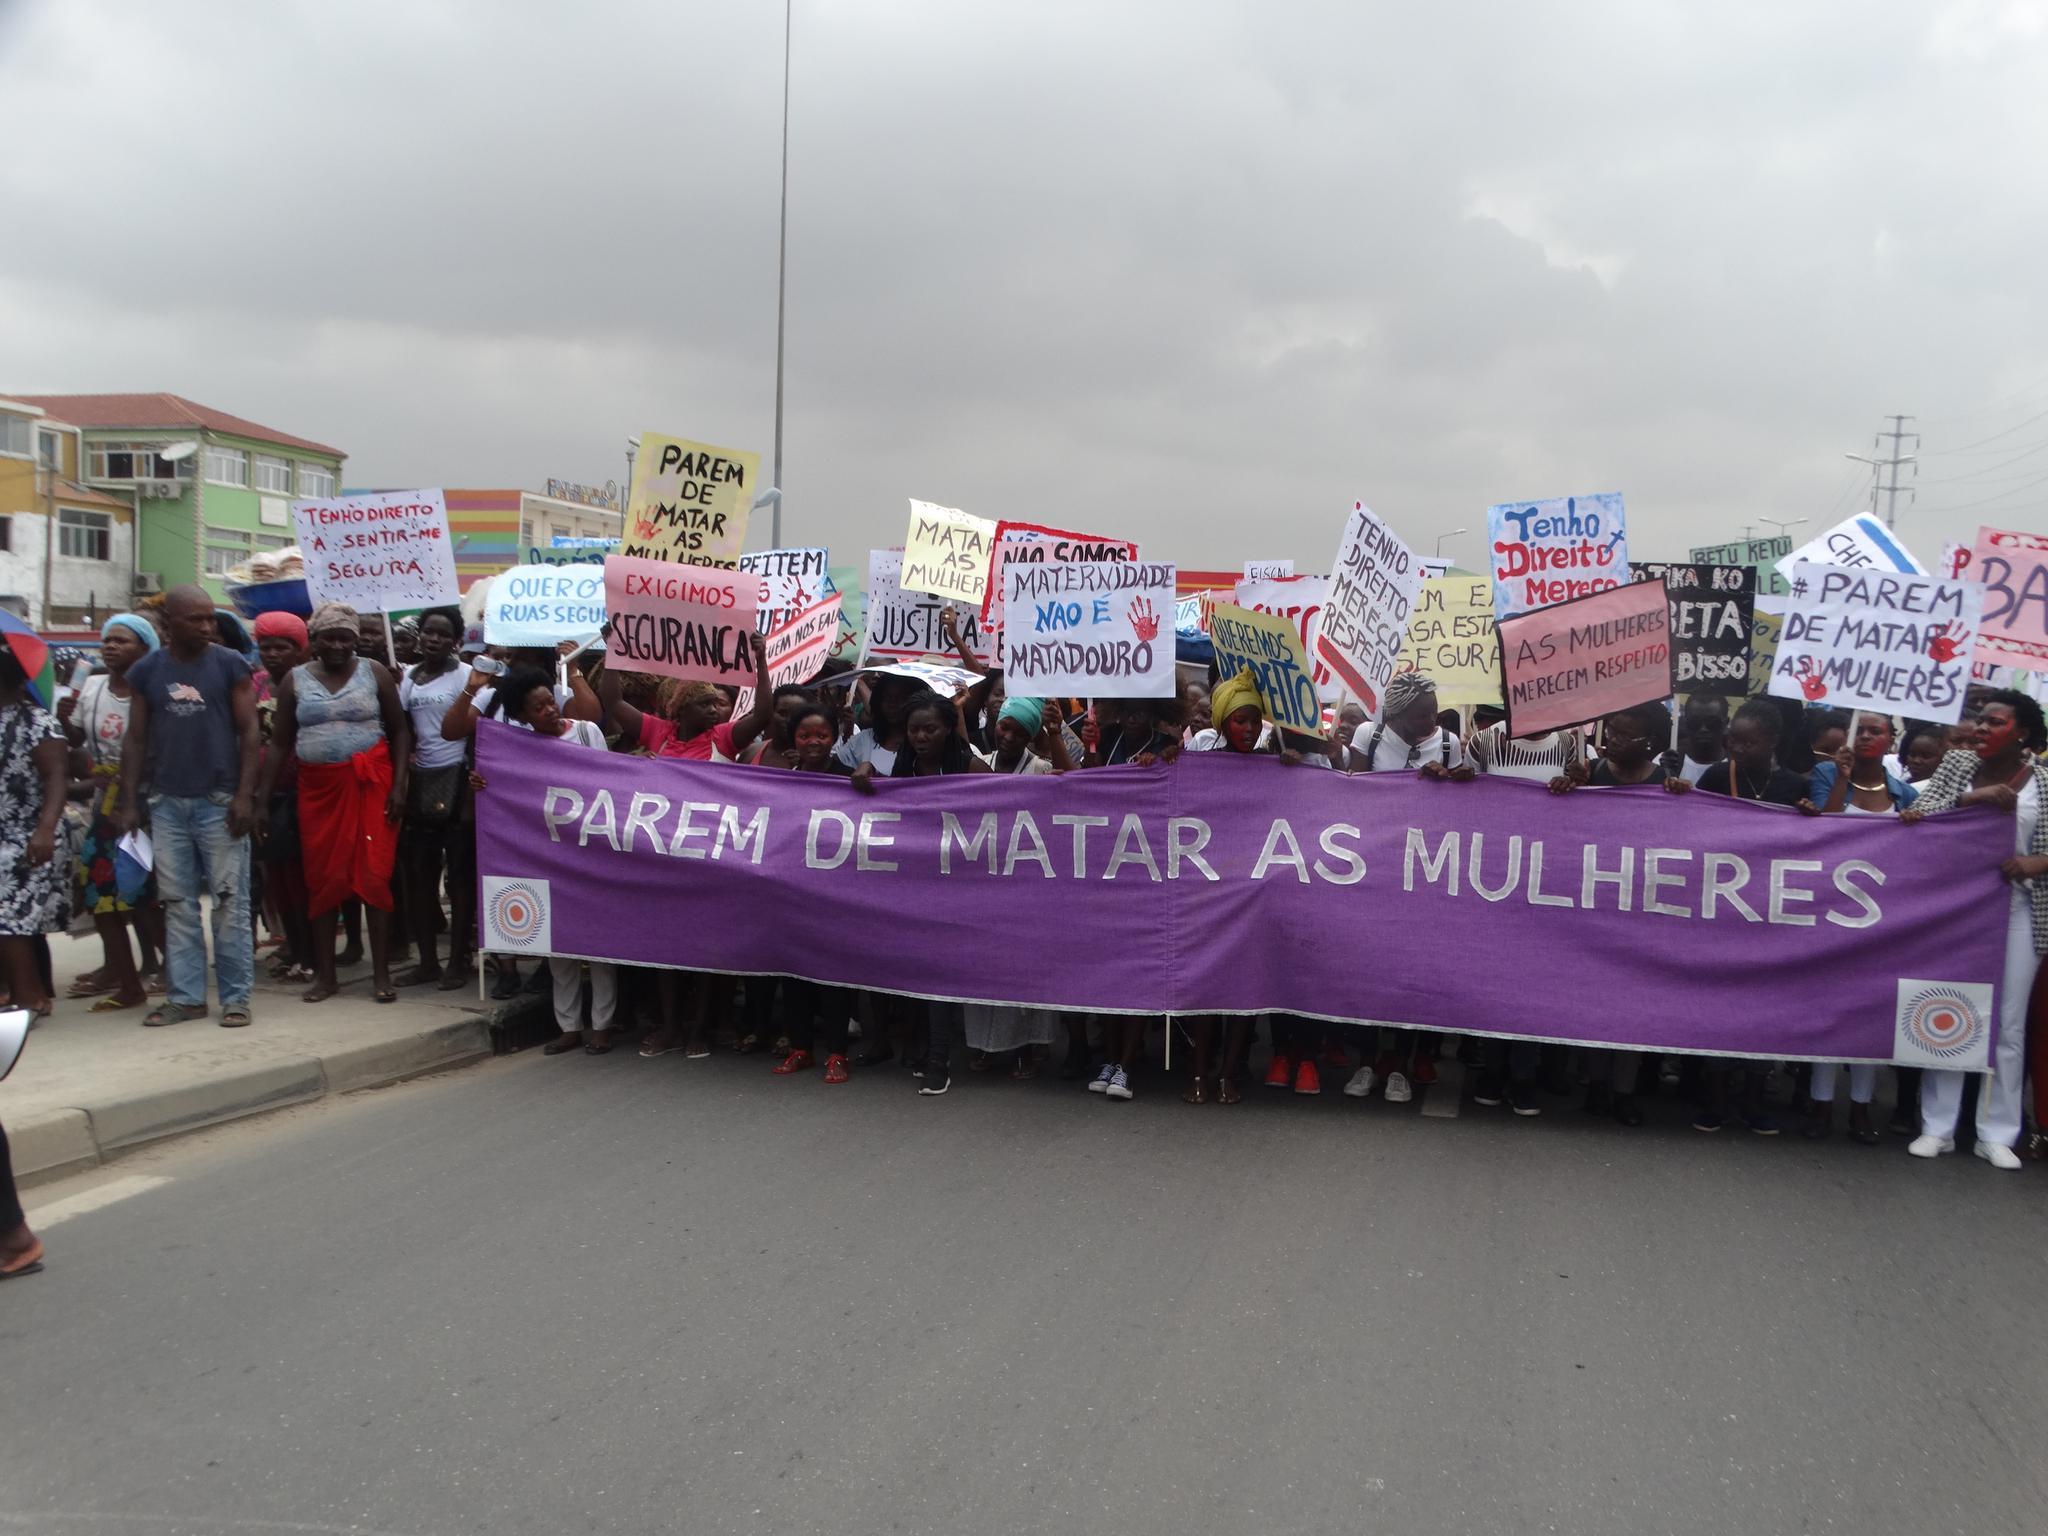 Manifestação em Luanda: #Paremdematarasmulheres | foto Simão Hossi